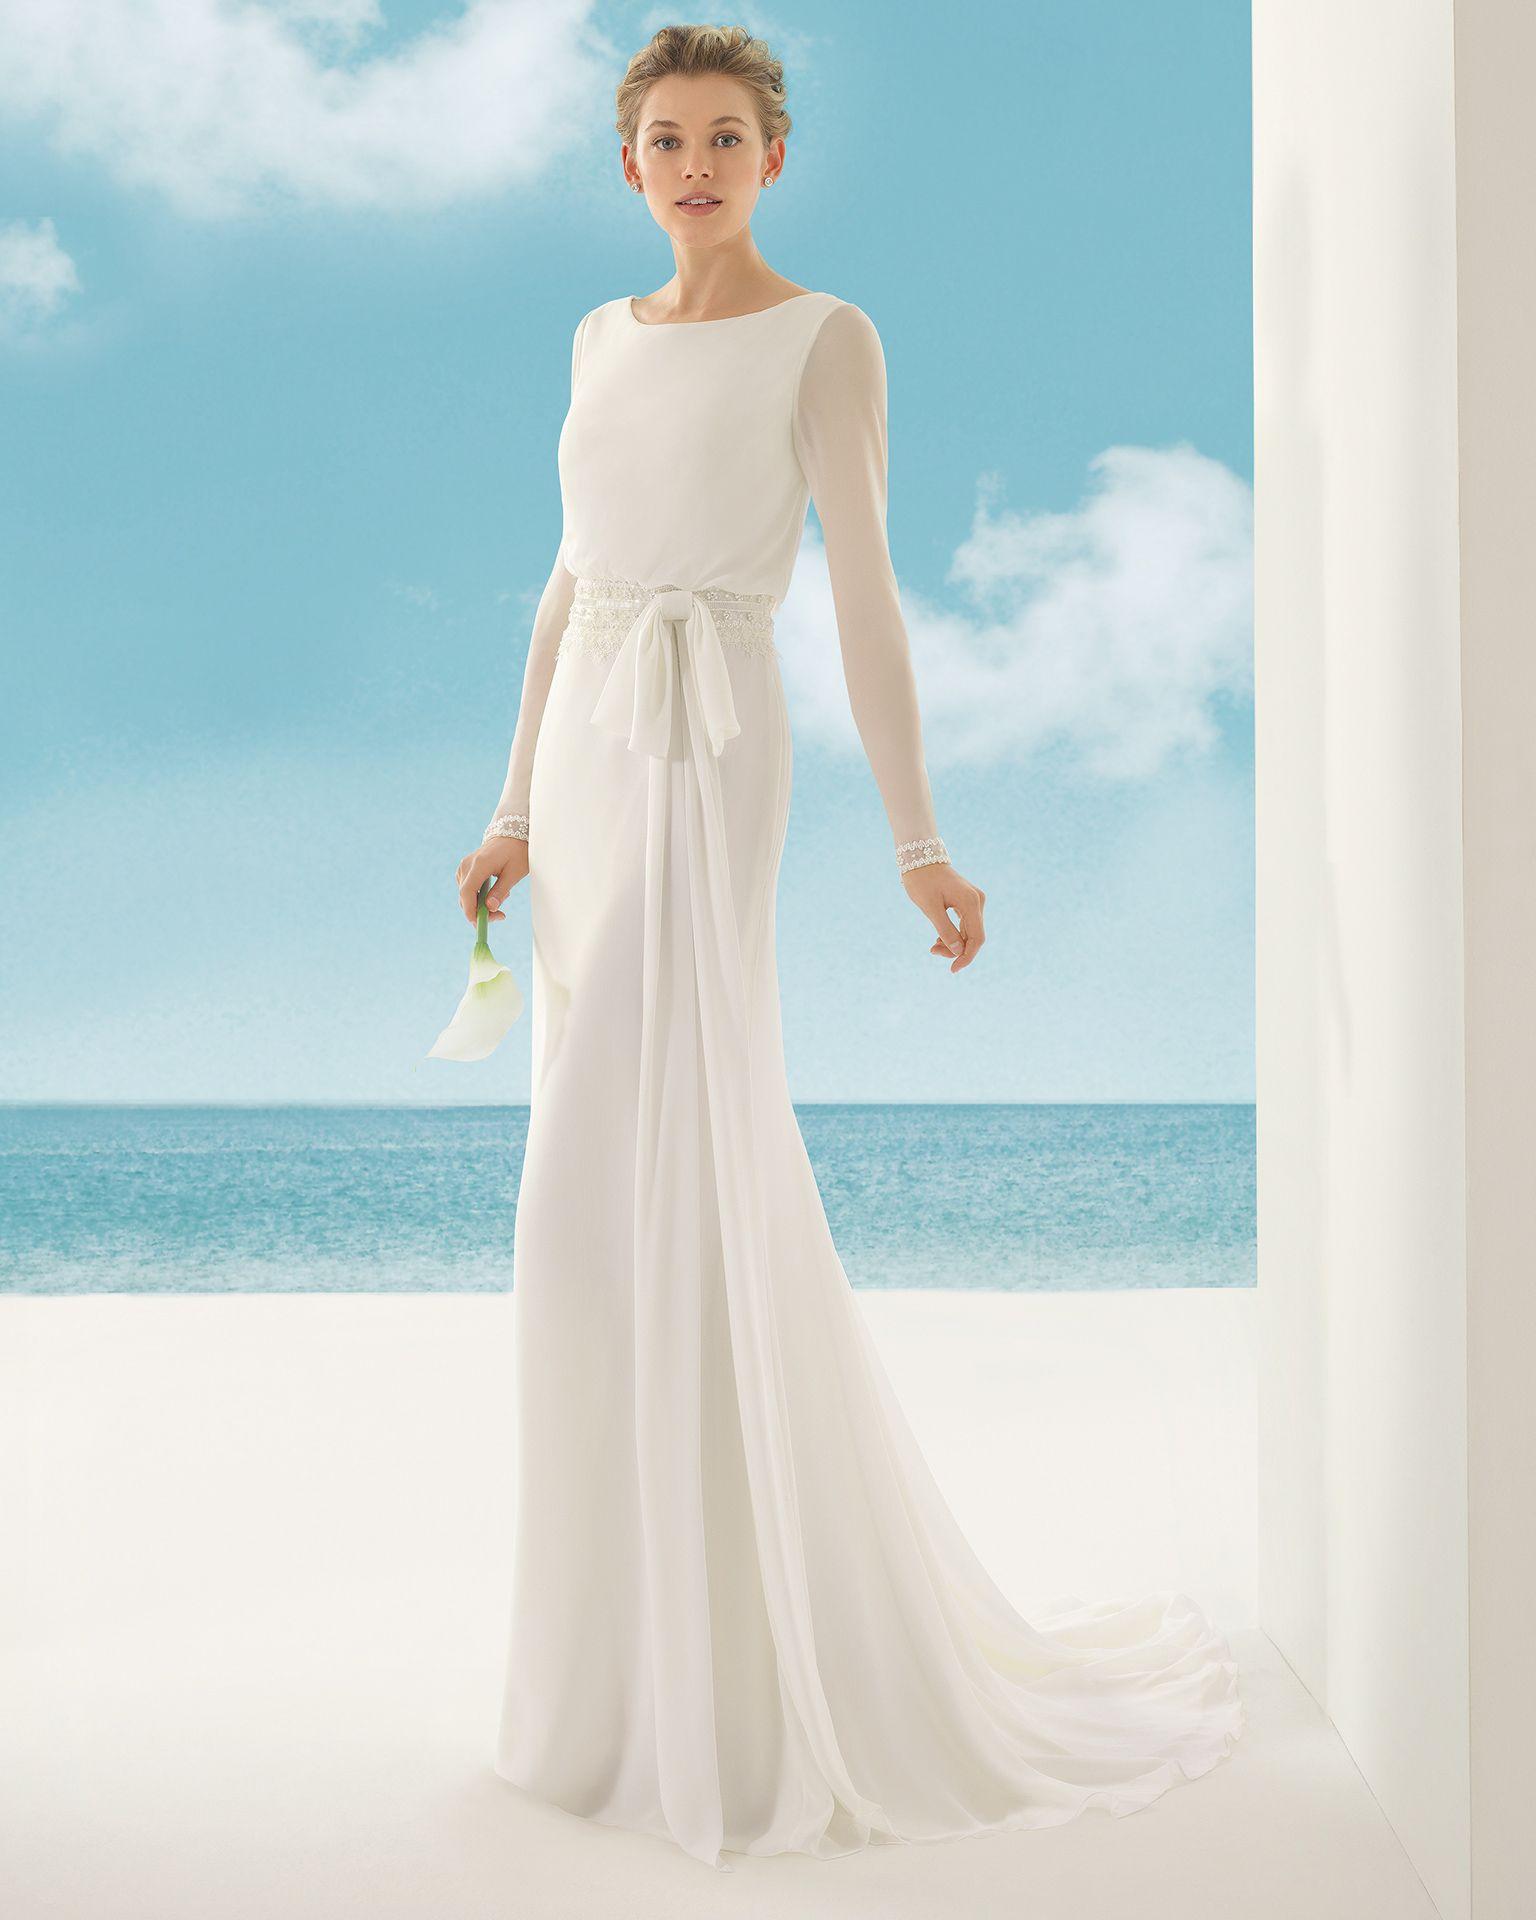 Vestidos de novia y vestidos de fiesta | Rosa clará, Rosas y Novios